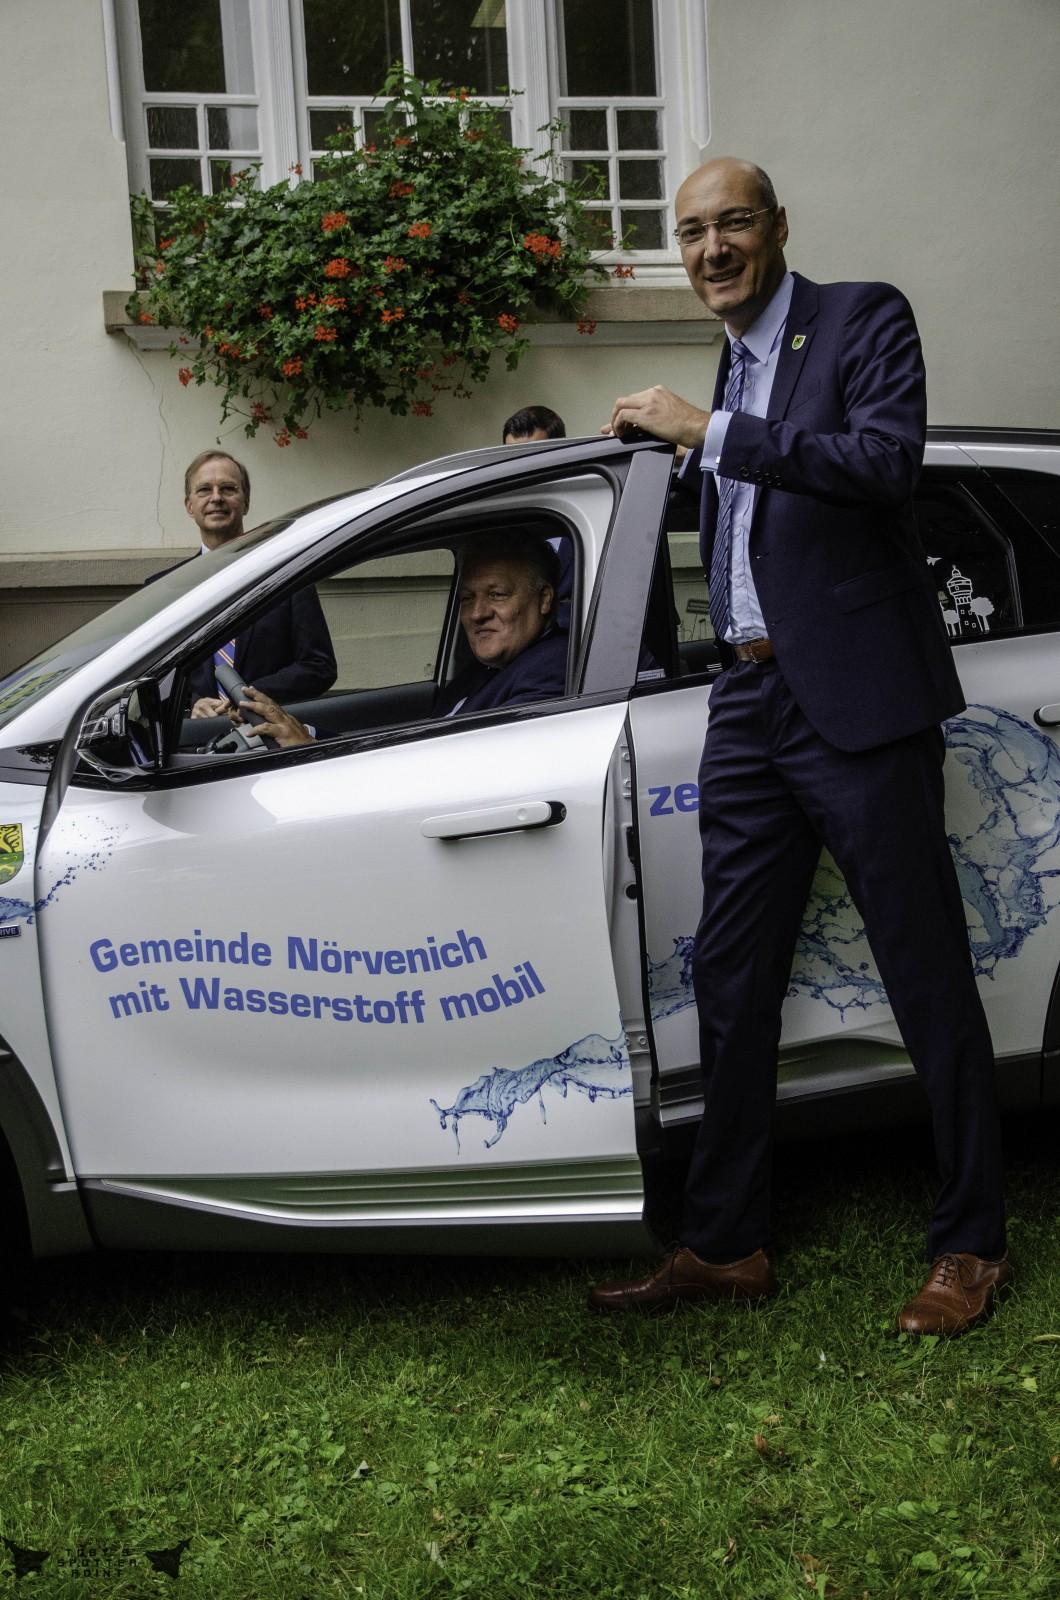 Die Gemeinde Nörvenich ist mit Wasserstoff mobil